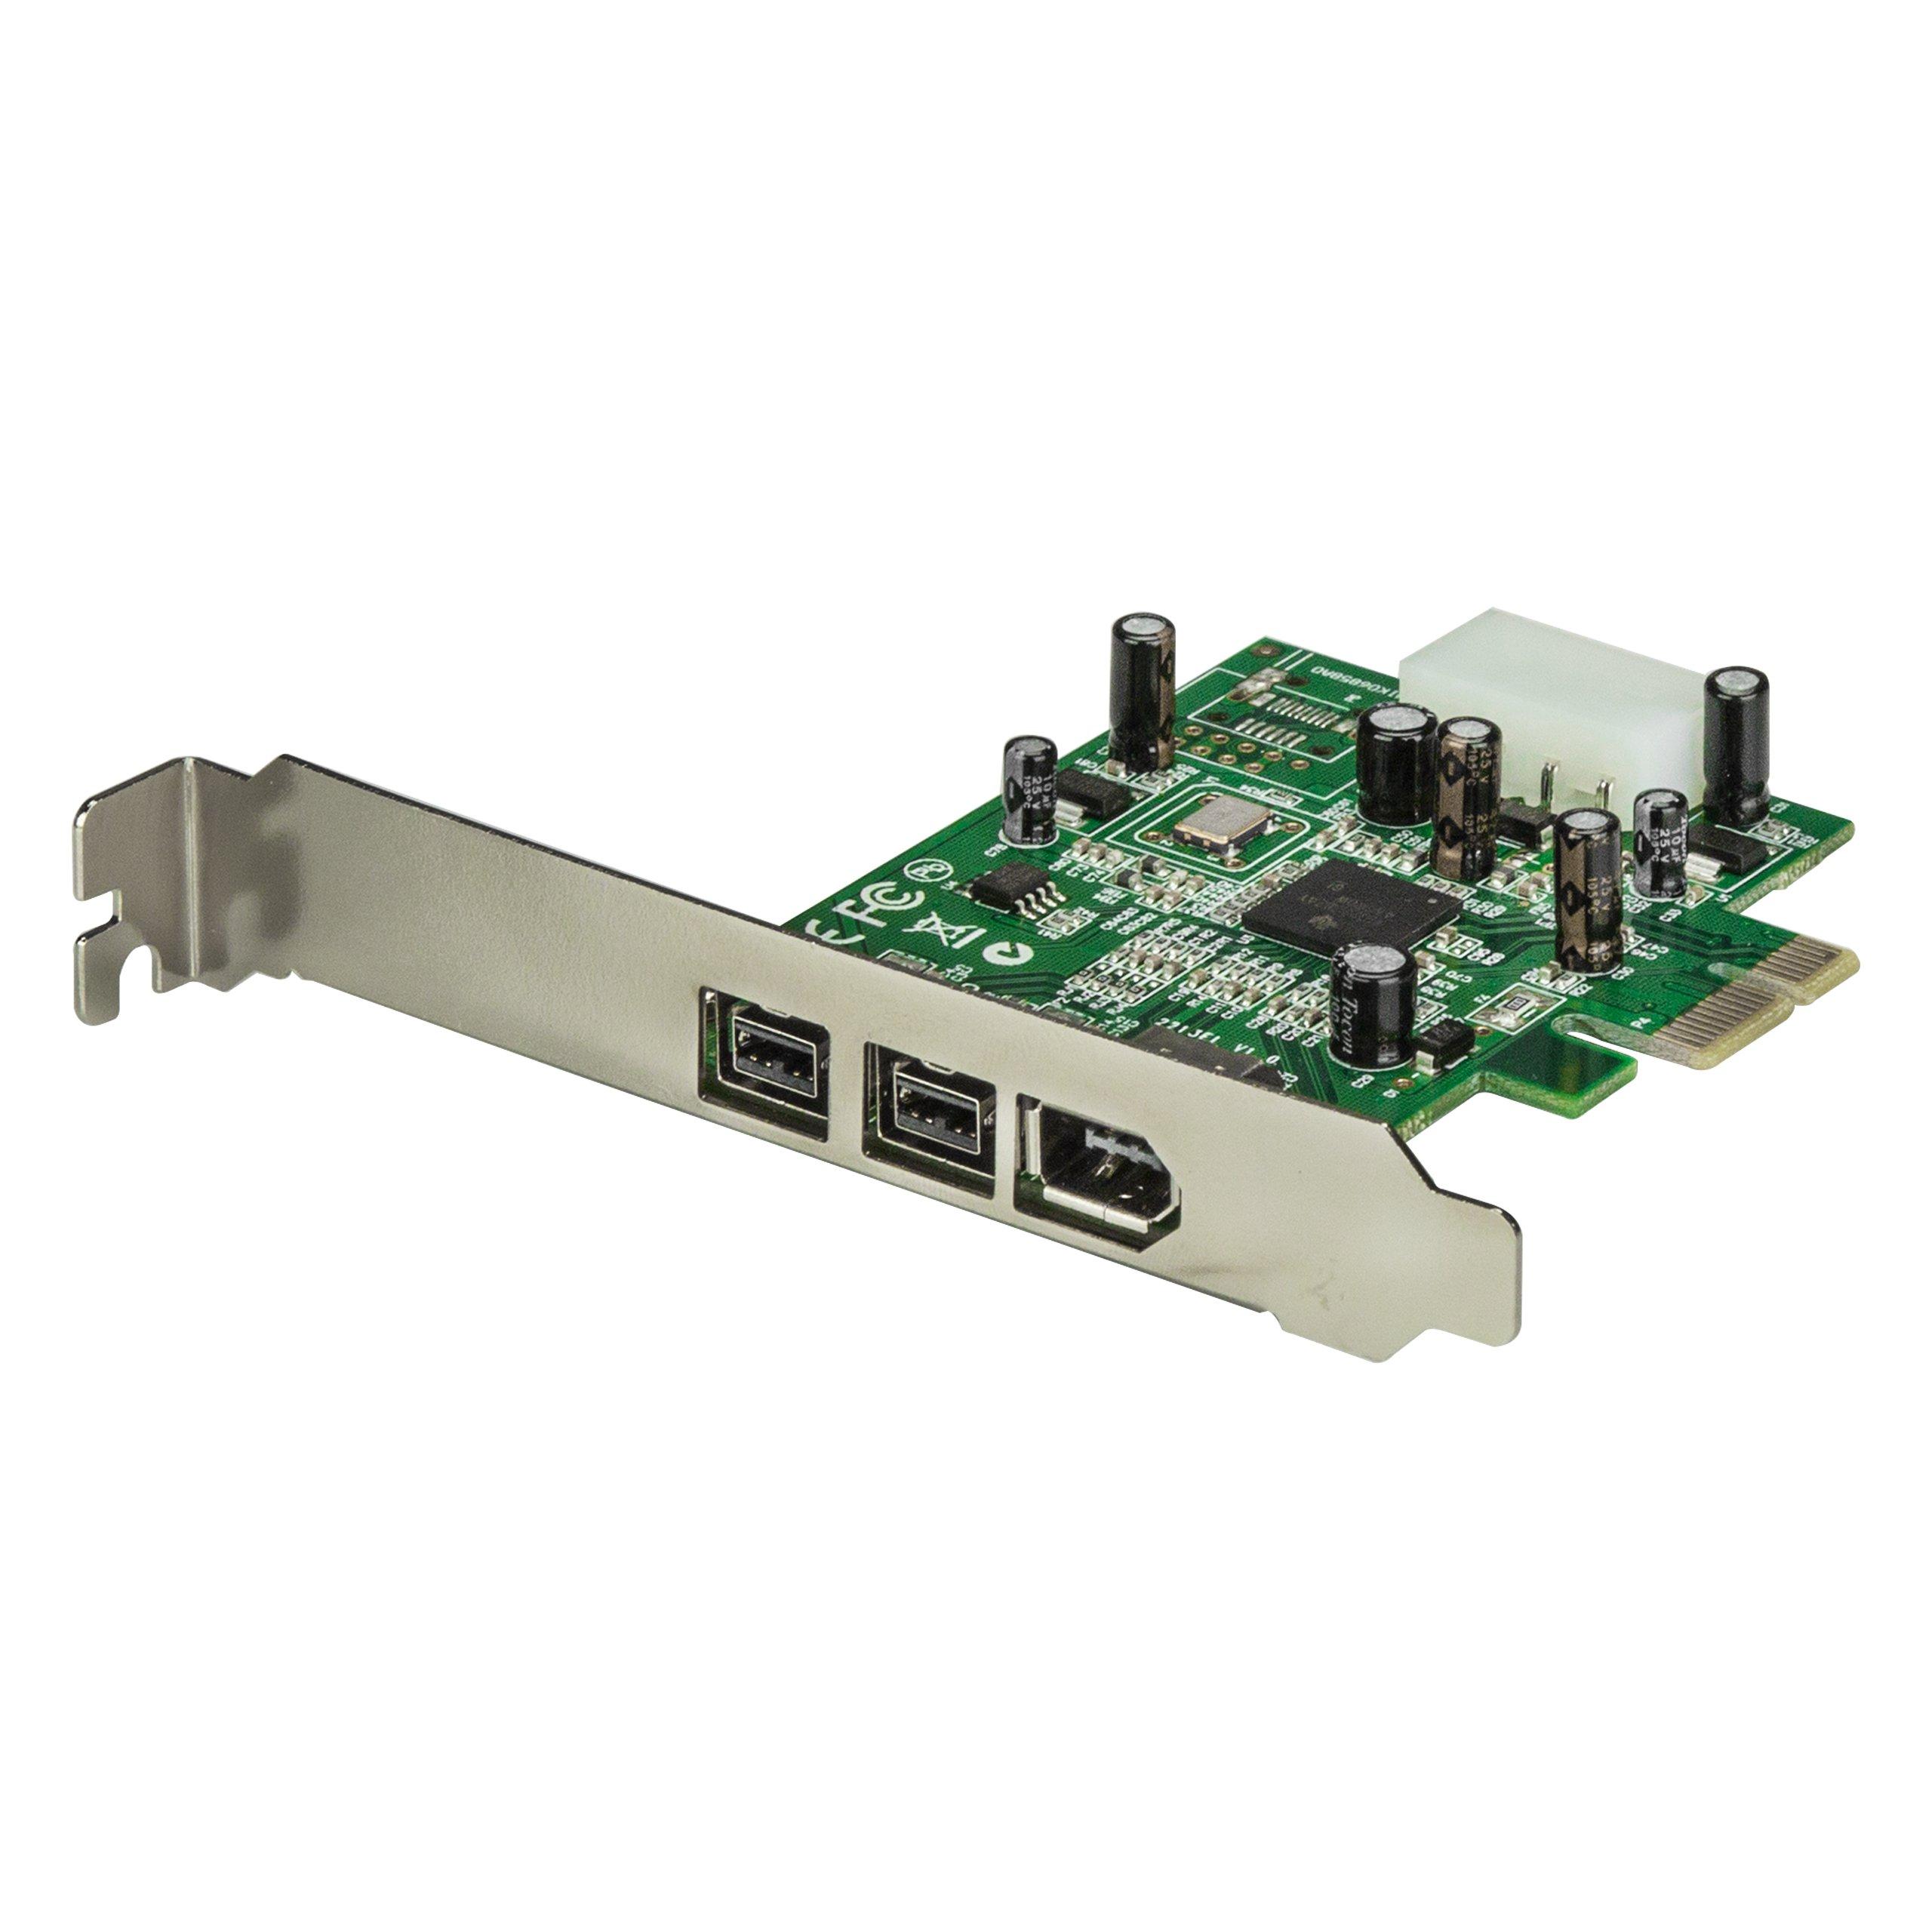 StarTech.com 3 Port 2b 1a 1394 PCI Express FireWire Card Adapter - 1394 FW PCIe FireWire 800 / 400 Card (PEX1394B3) by StarTech